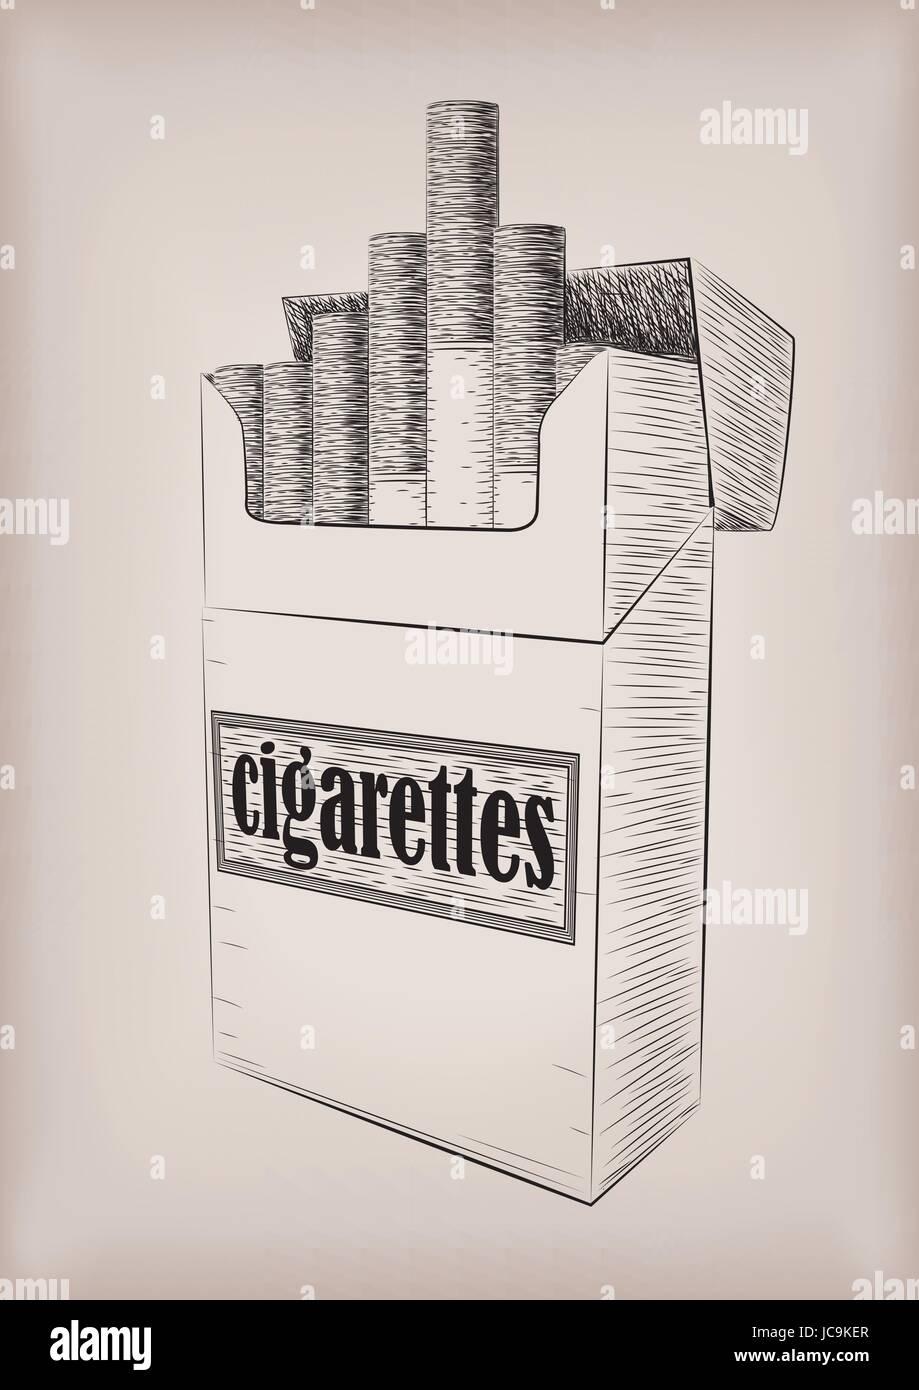 Dessin Paquet De Cigarette paquet de cigarettes cigarettes boîte en carton pleine de fumer